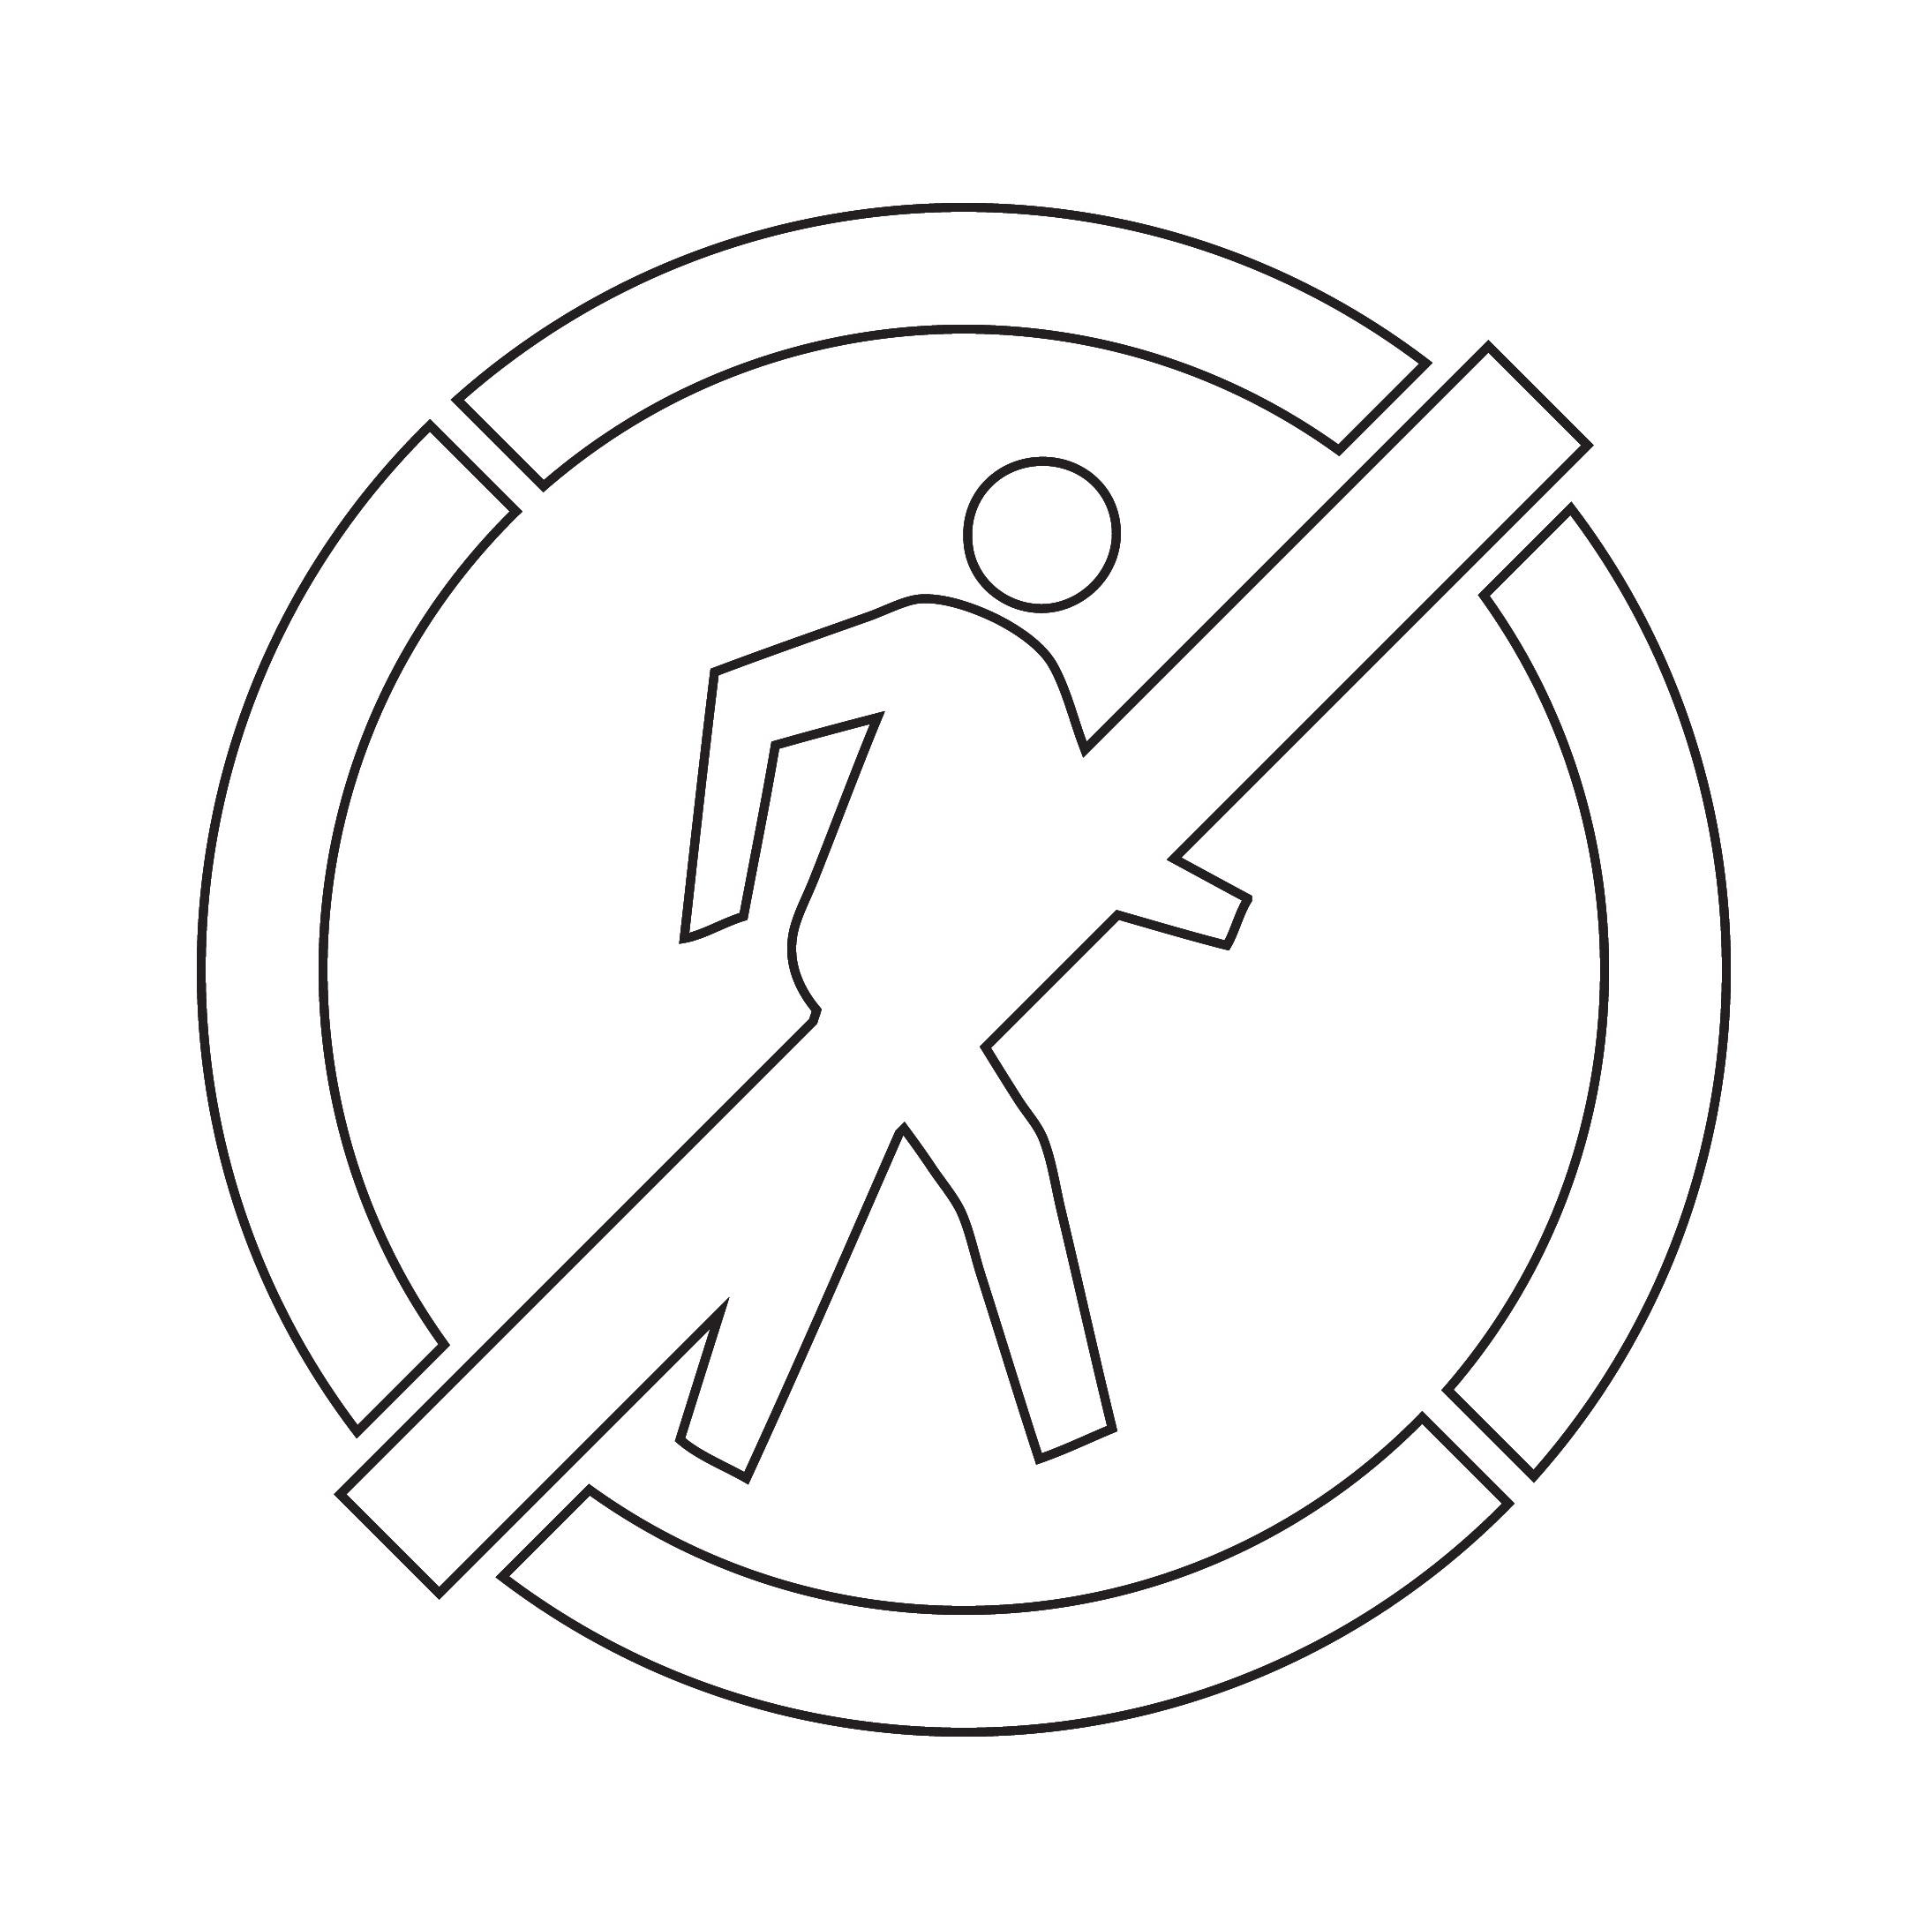 no-pedestrian-symbol.jpg